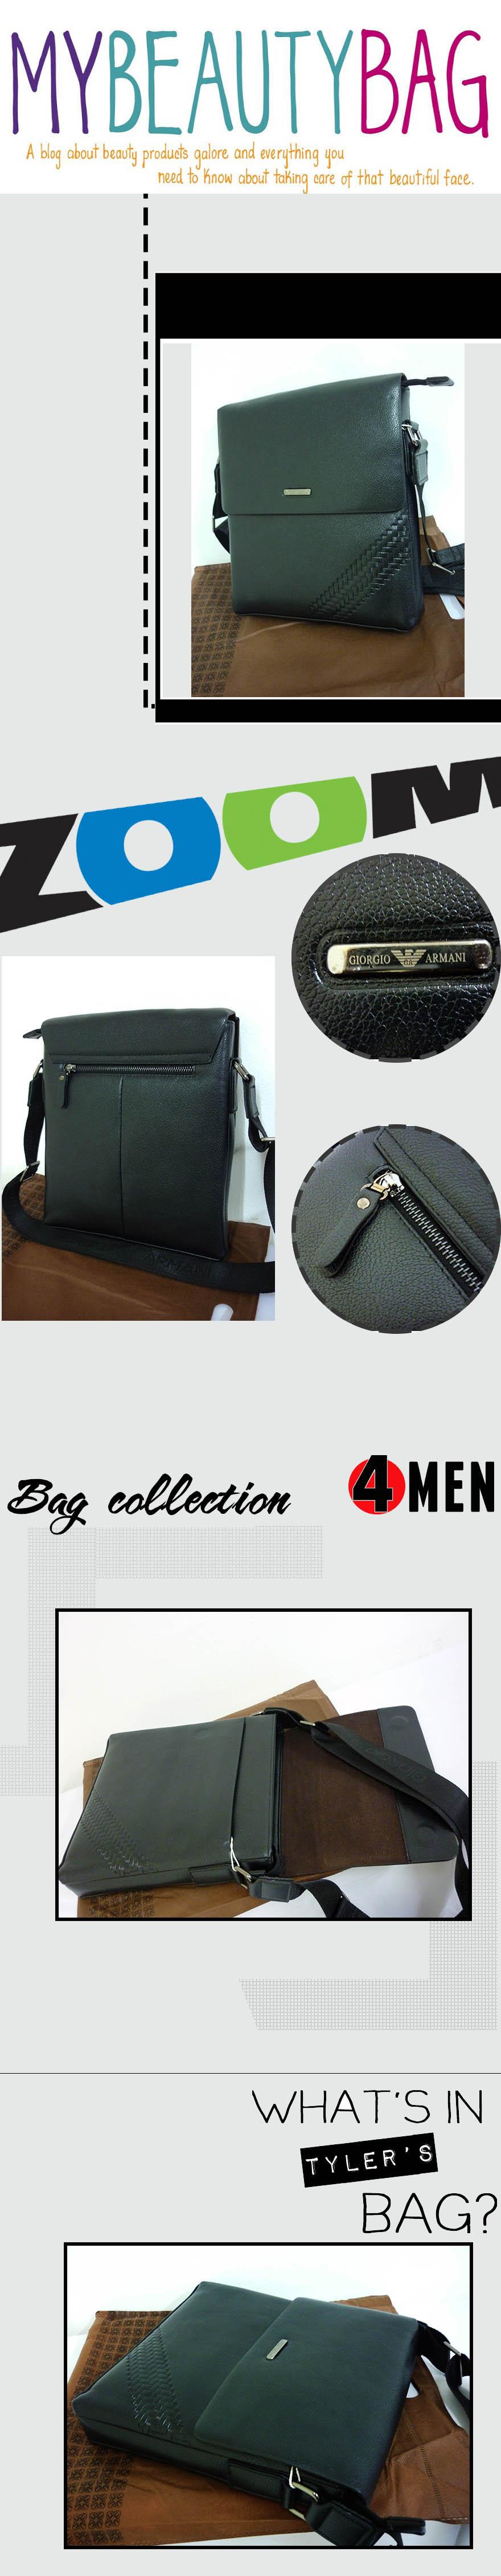 Túi xách da đen armani txf005 - 1